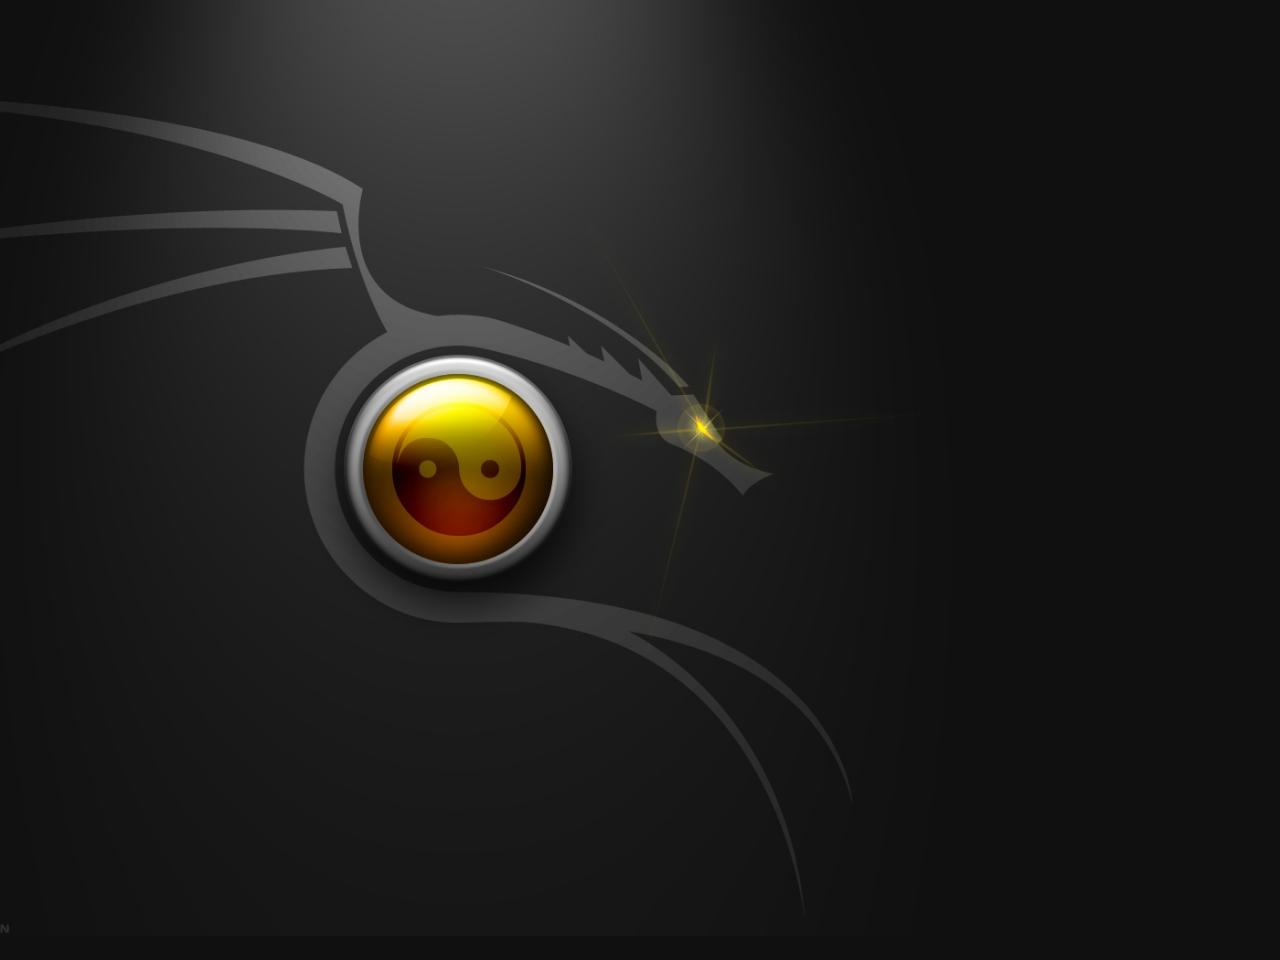 Nuevo Backtrack Linux - 1280x960